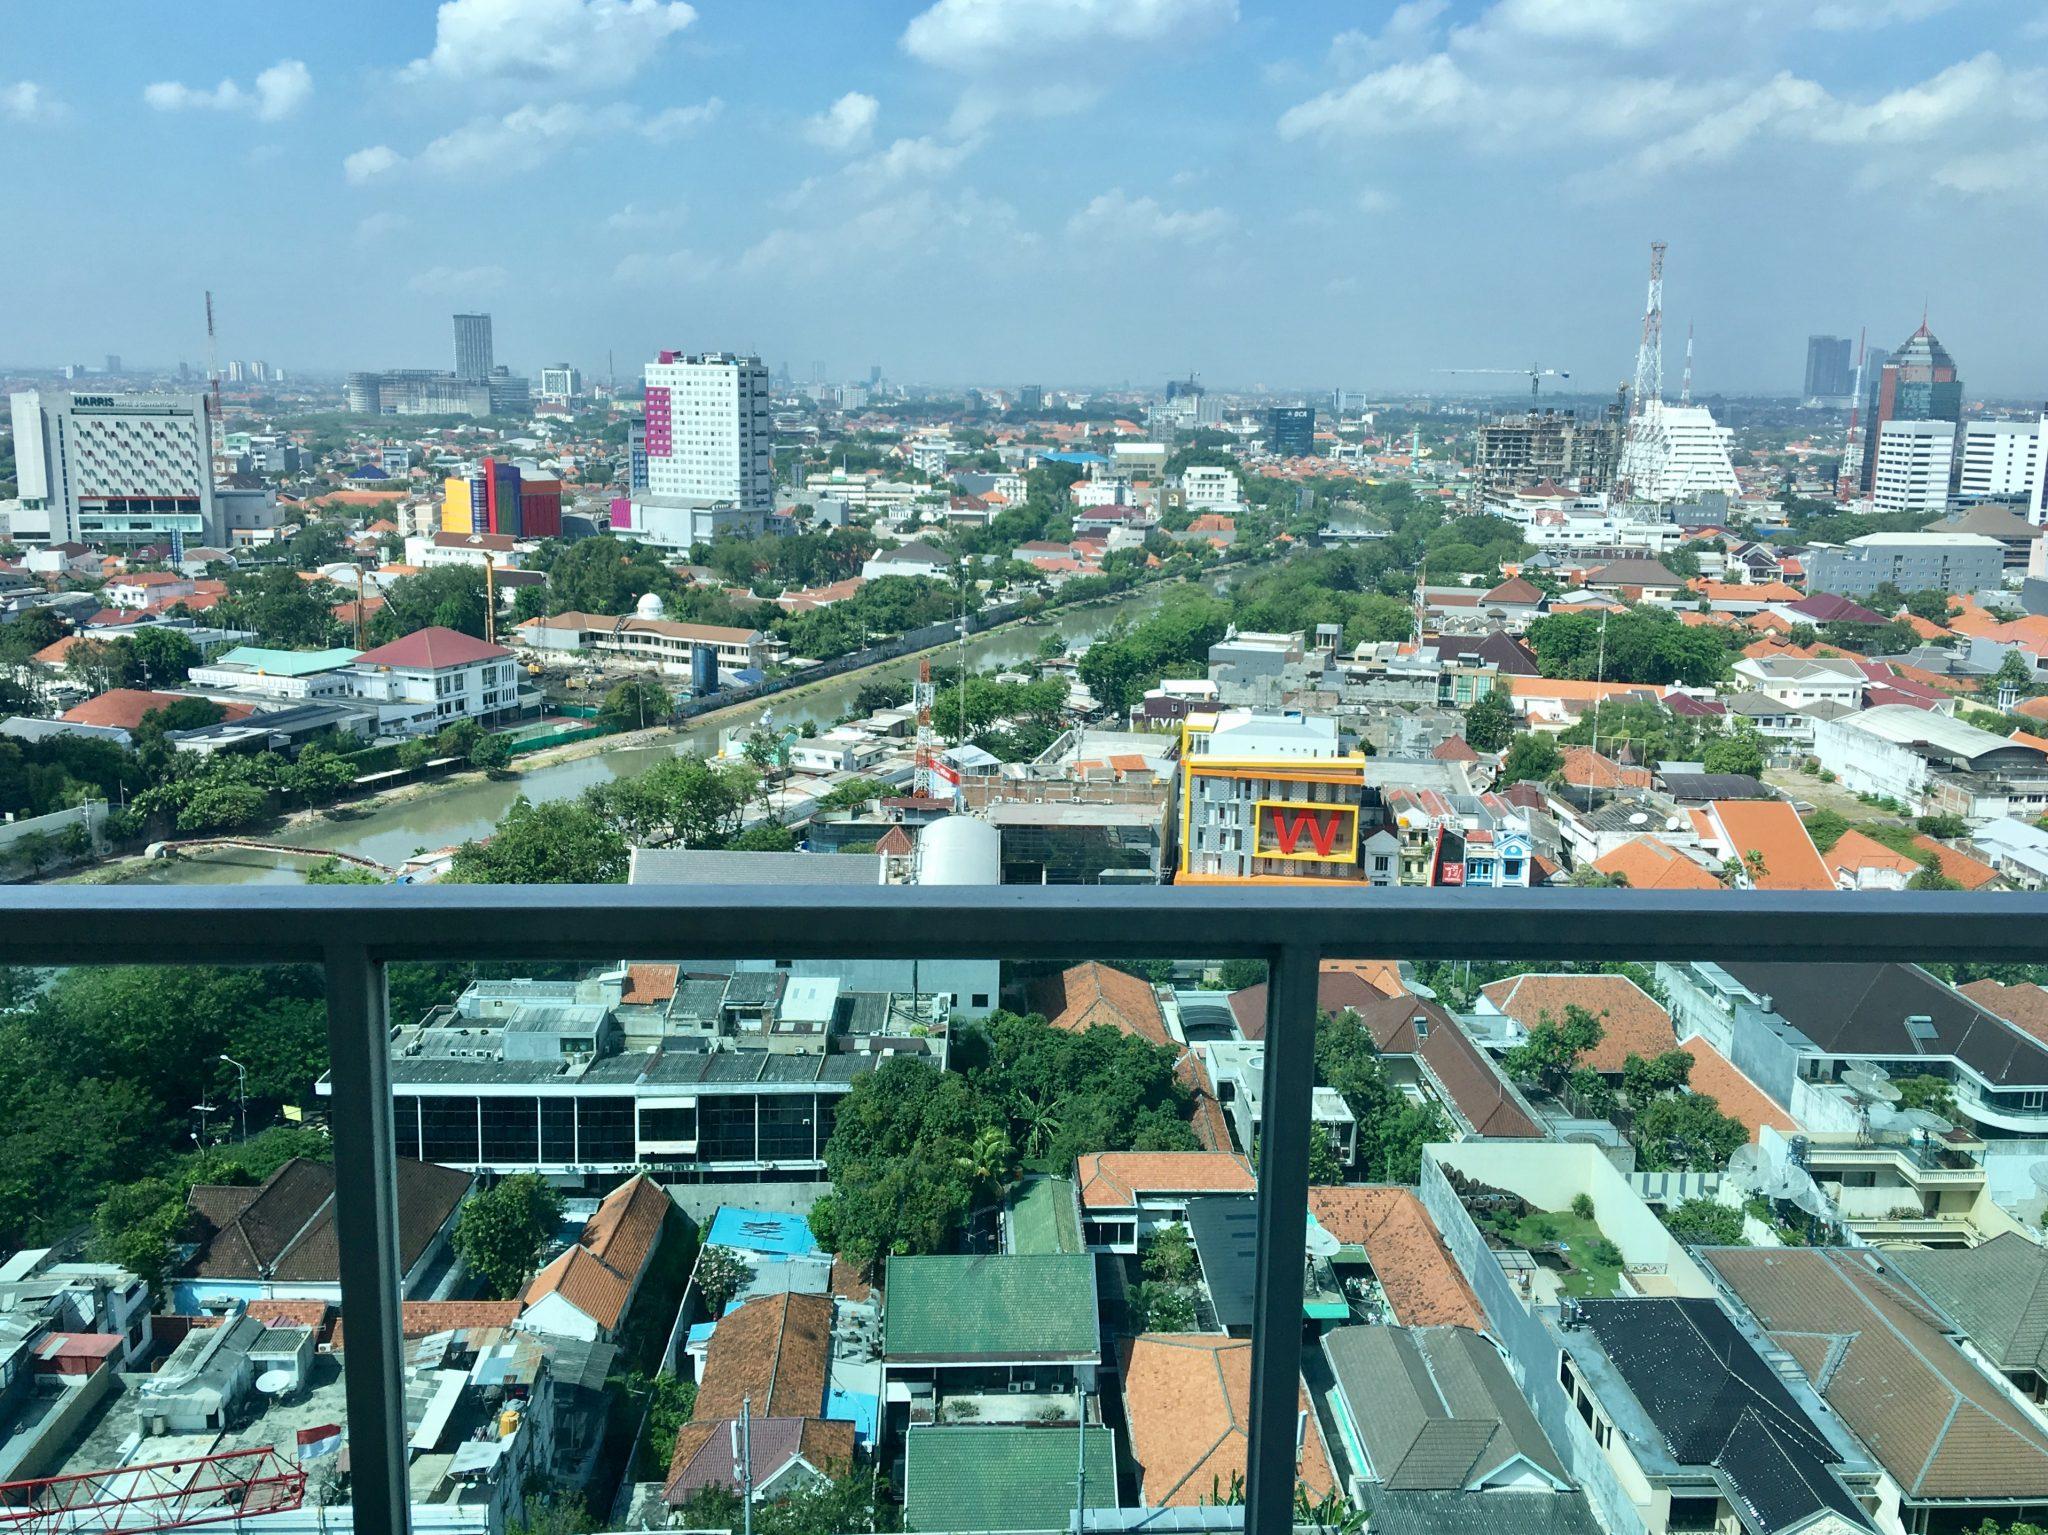 Disewakan apartemen Trillium Surabaya (East Java – Indonesia) – Tengah Kota & Pemandangan Kota – Lt 21.